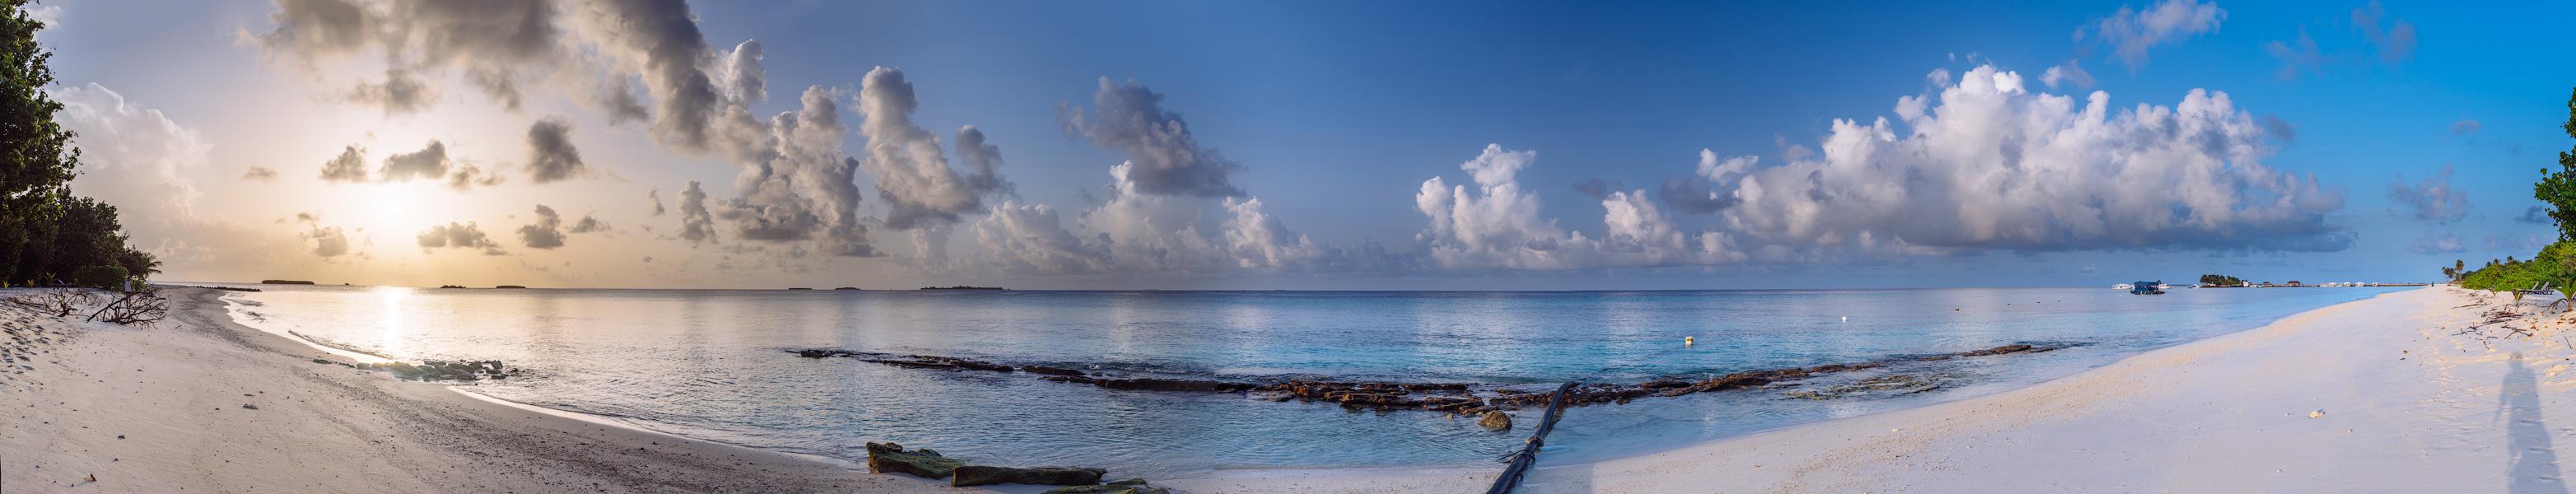 _DSC6941_7_Panorama